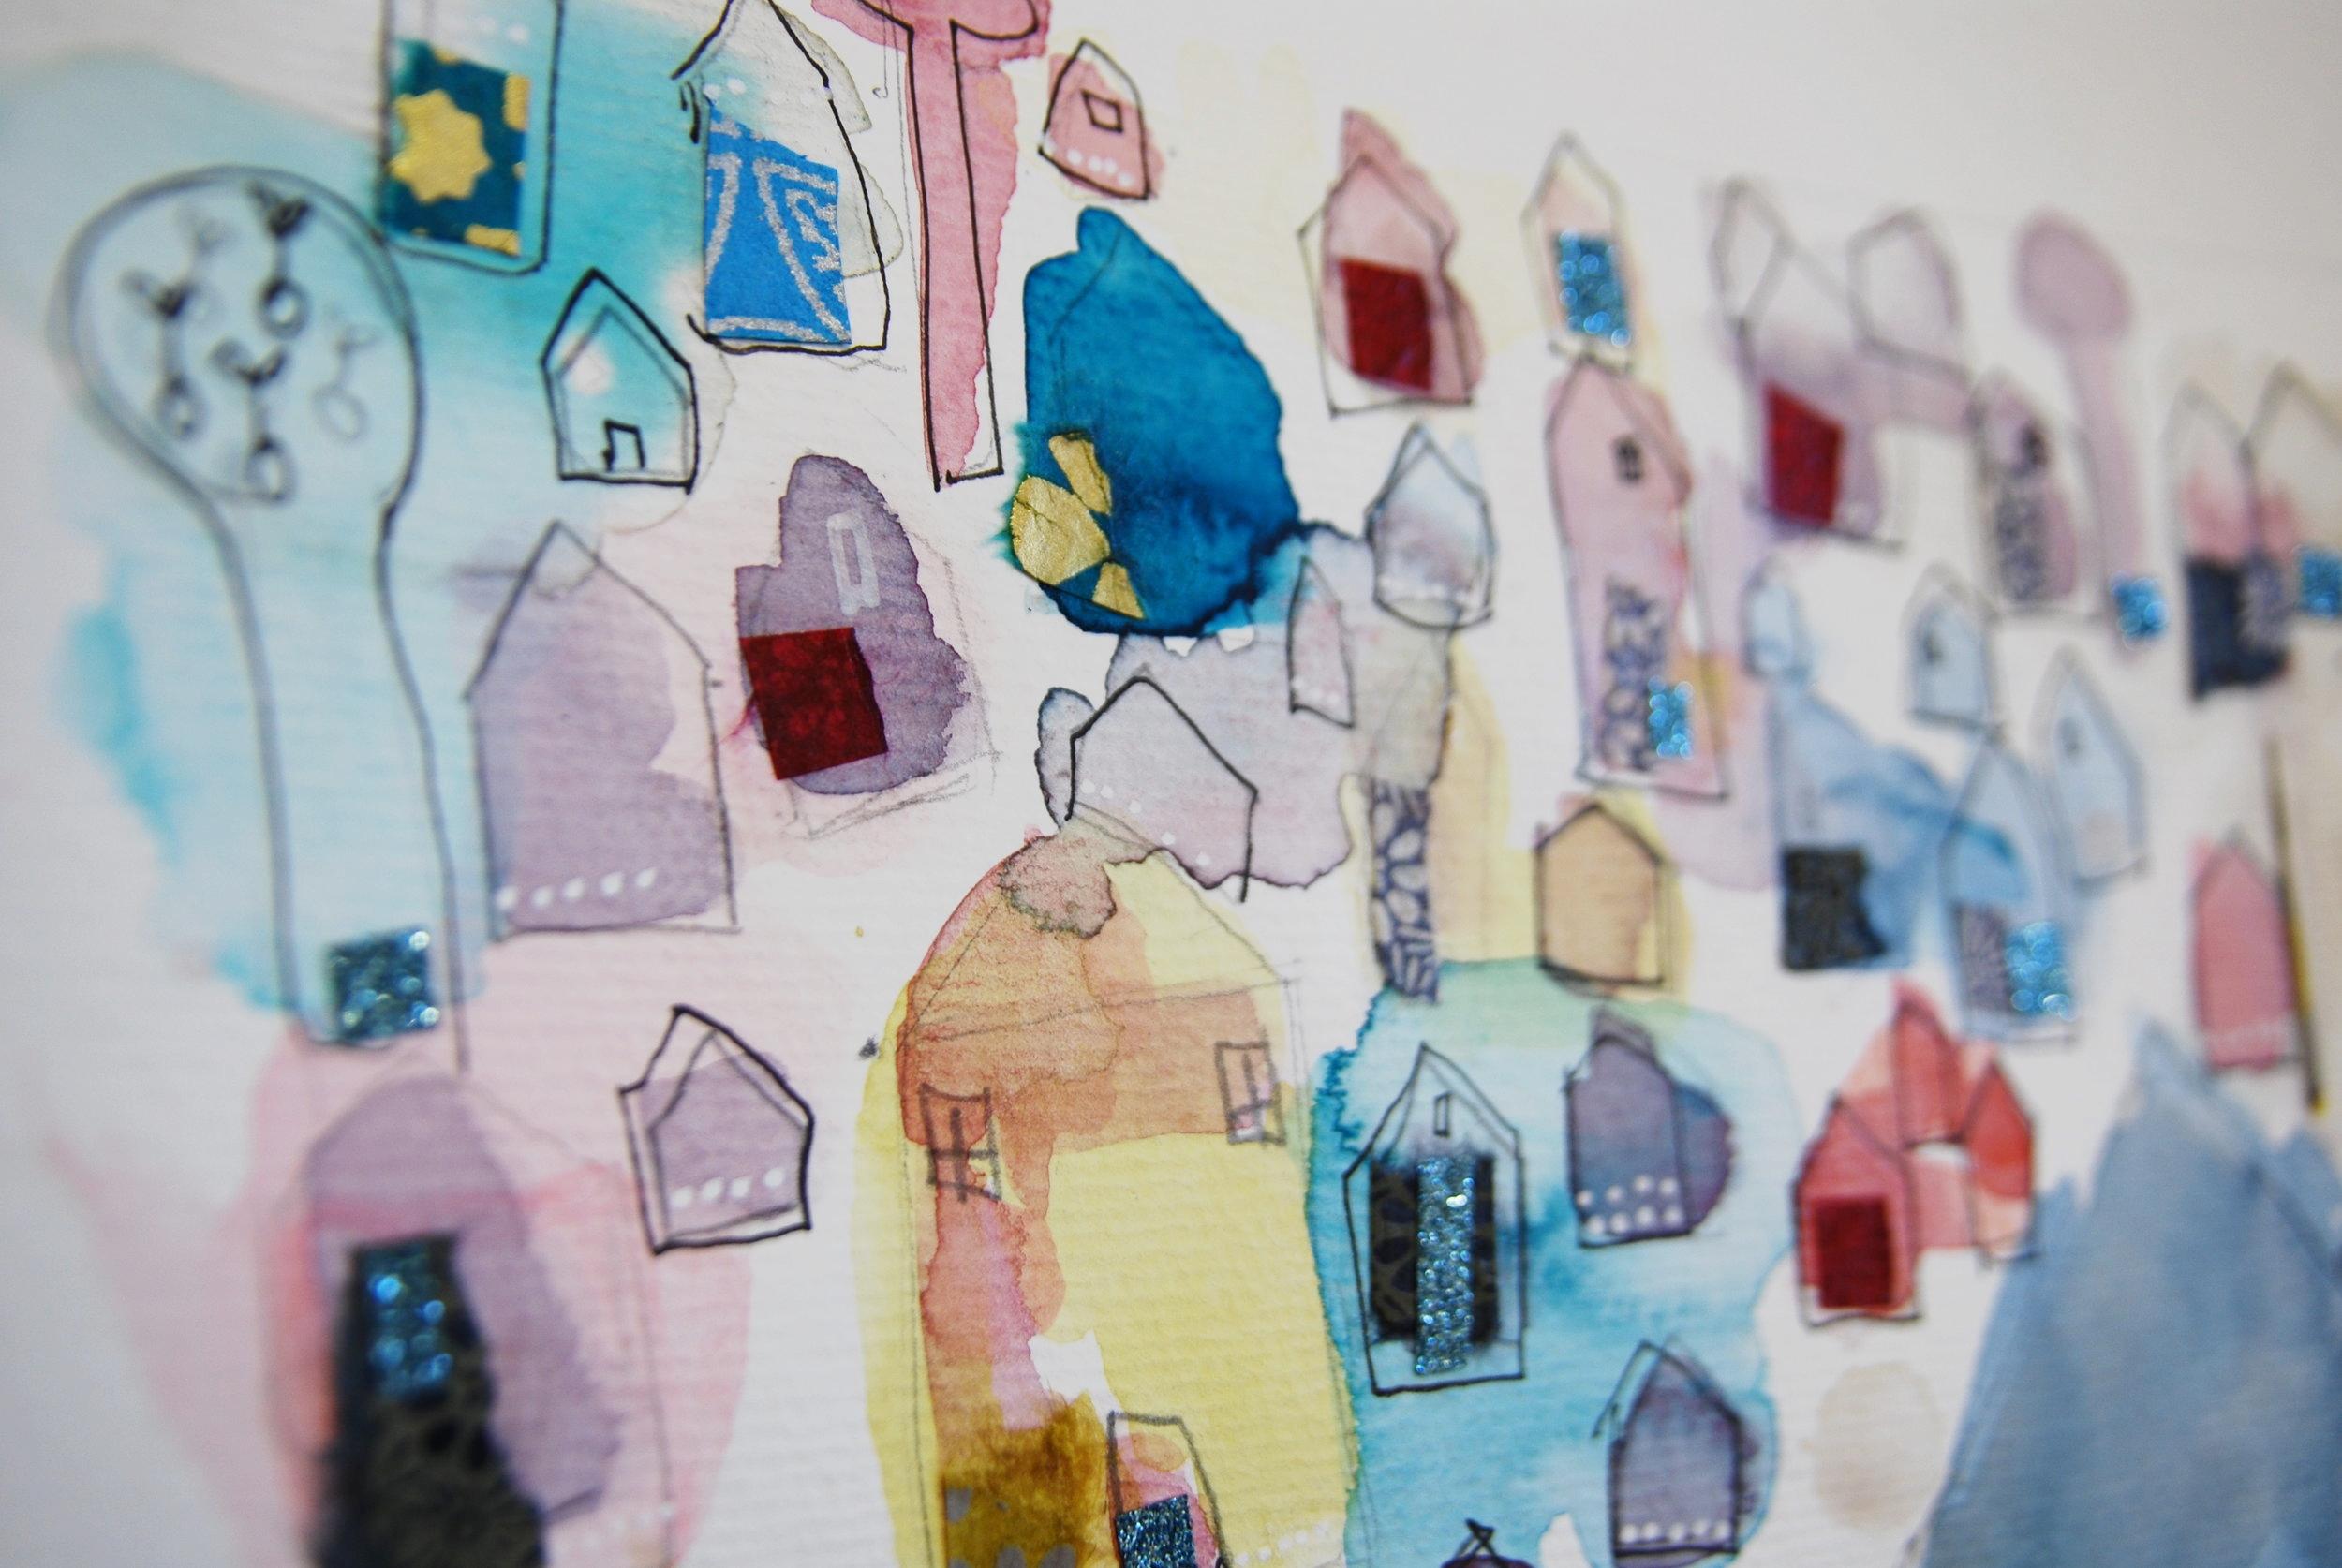 Mettre en couleur sa maison, son quartier, son village -